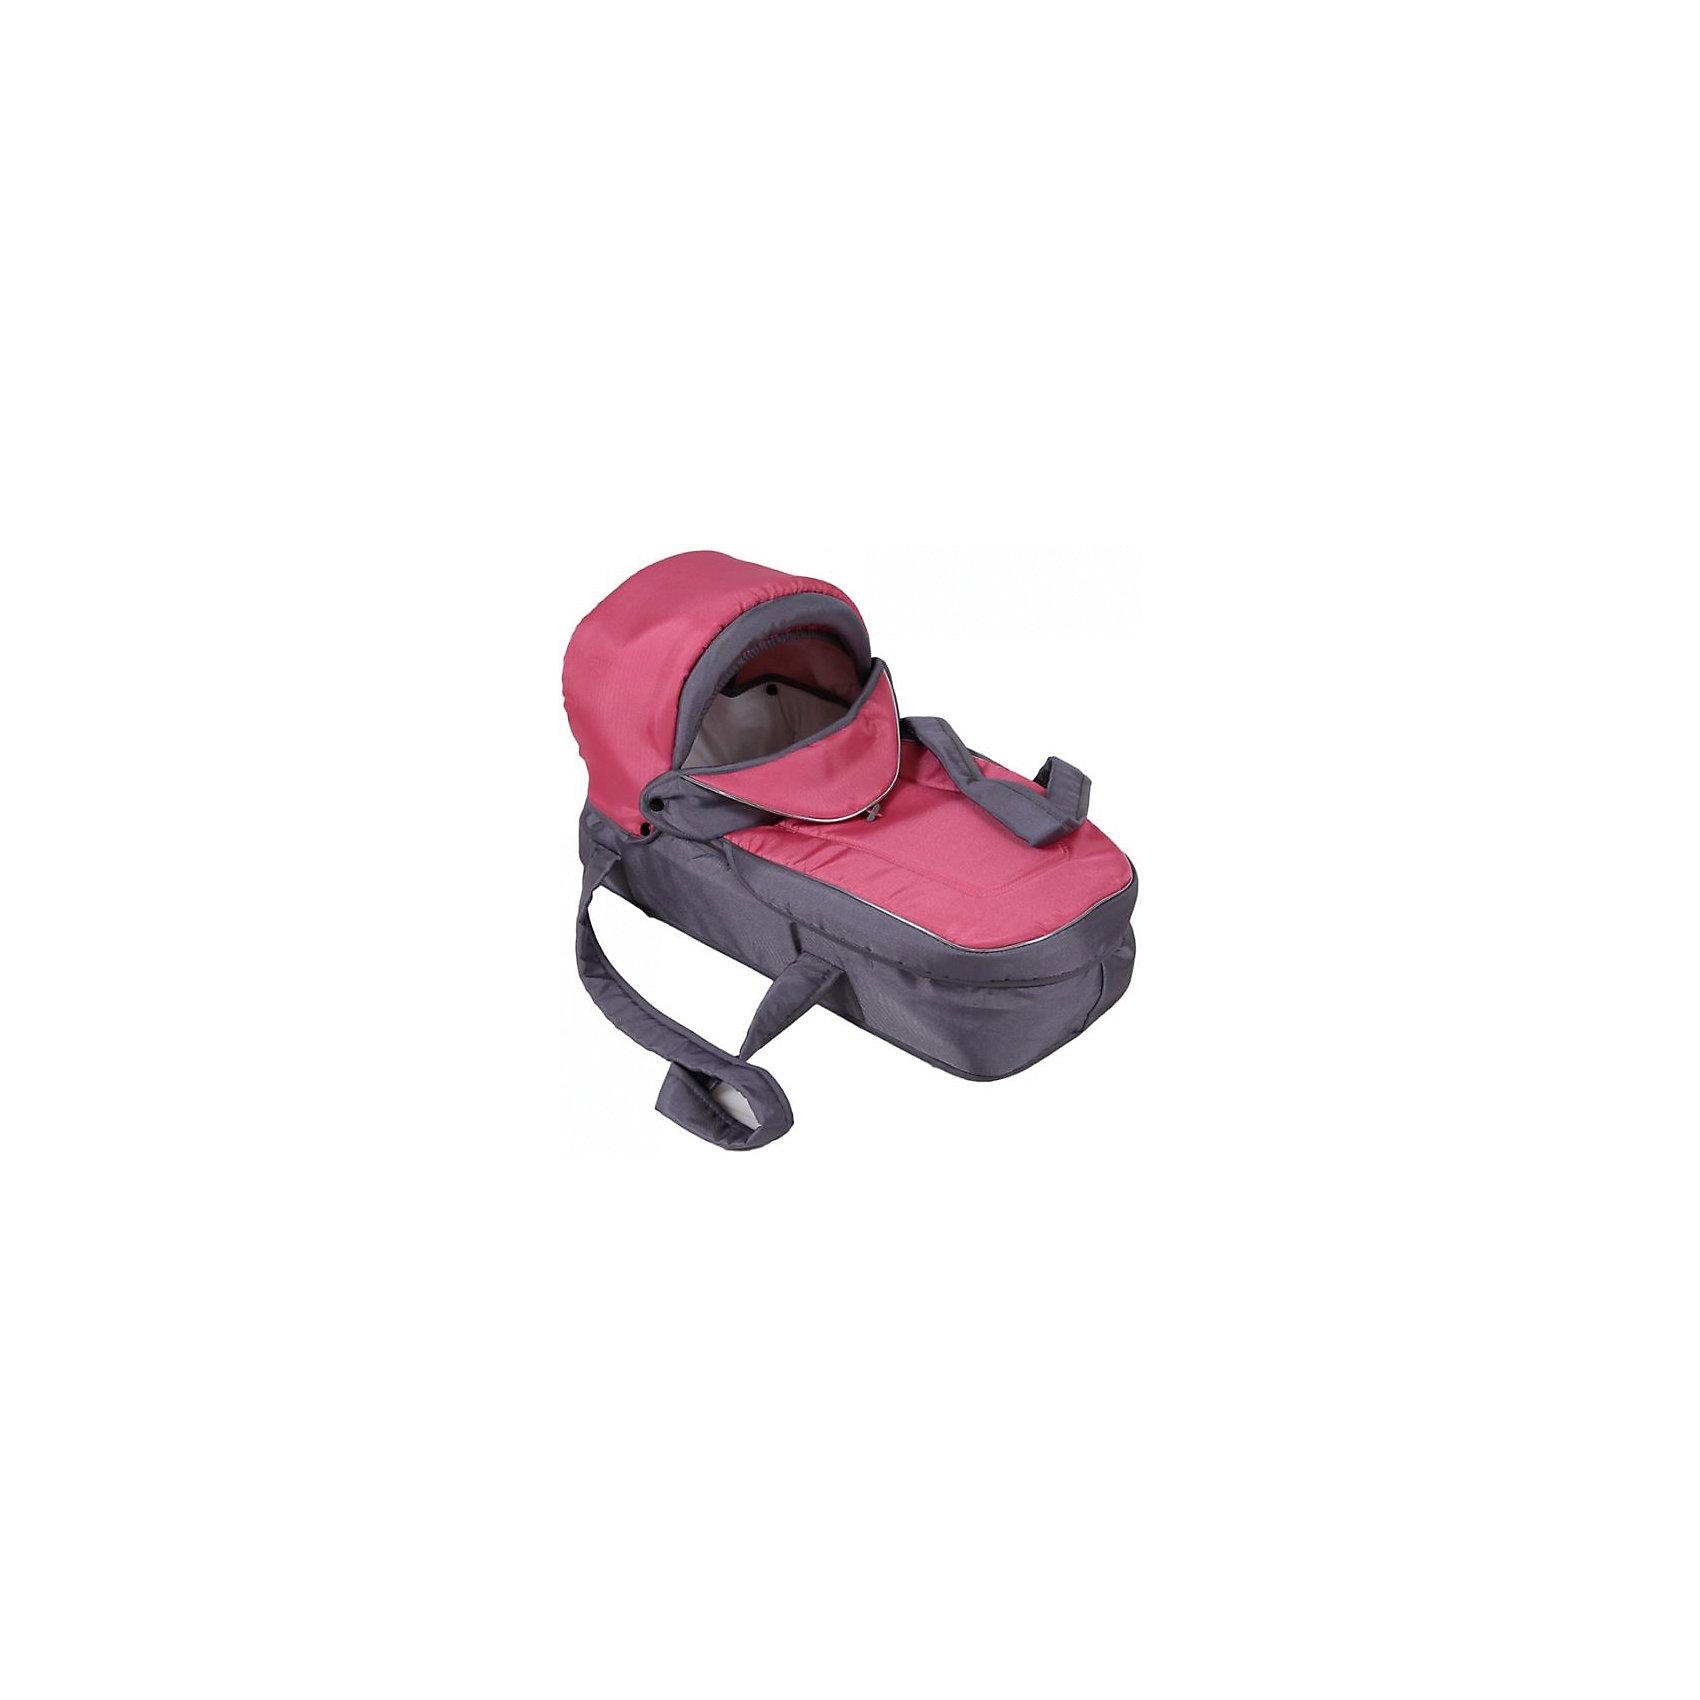 Люлька-переноска для коляски ВЕНЕЦИЯ 202, Лео, серый/розовый (ЛЕО)